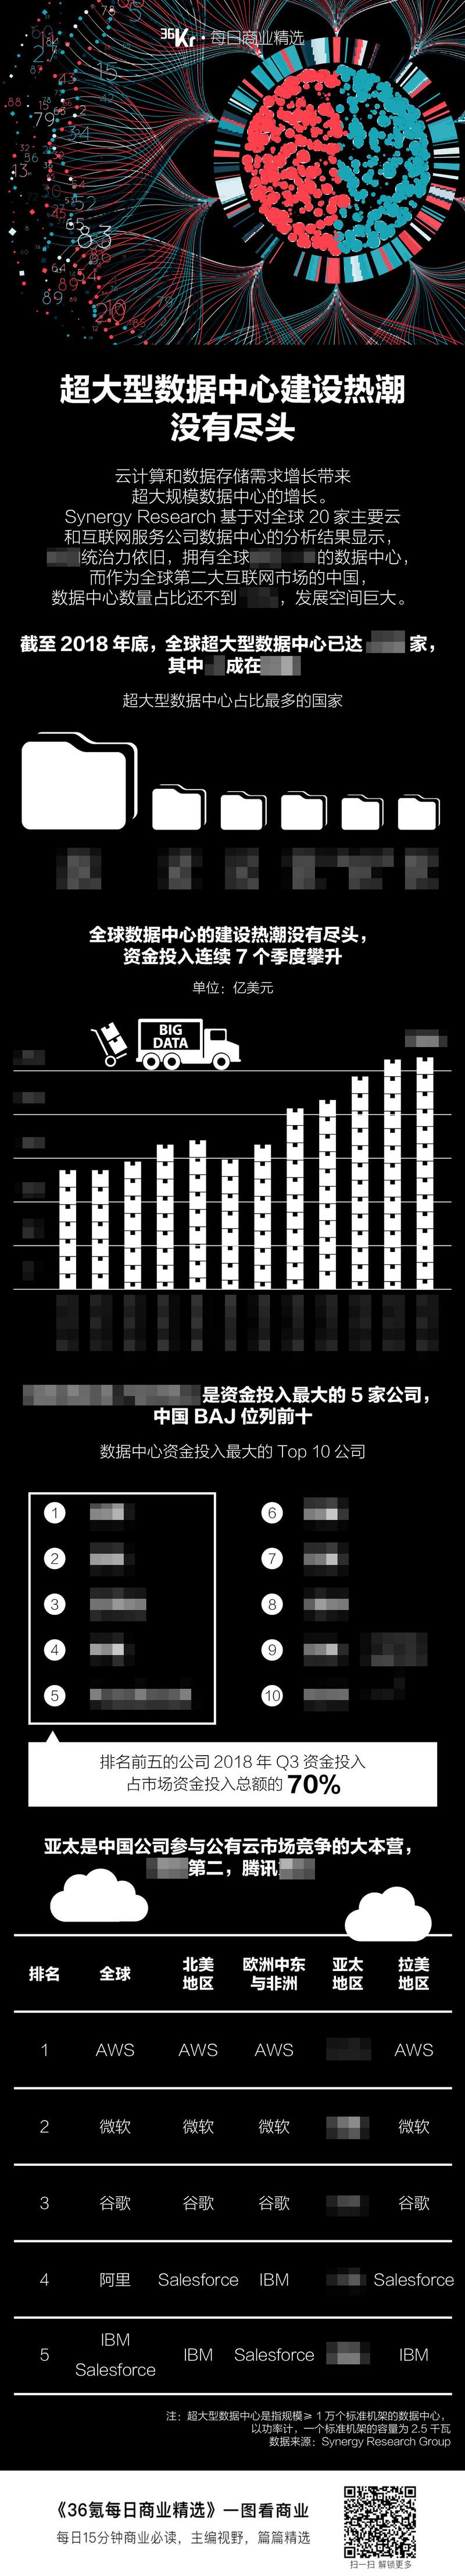 氪星晚报 | 北京新东方法定代表人变更;英国立法者指责Facebook违反隐私法规;人人车否认破产